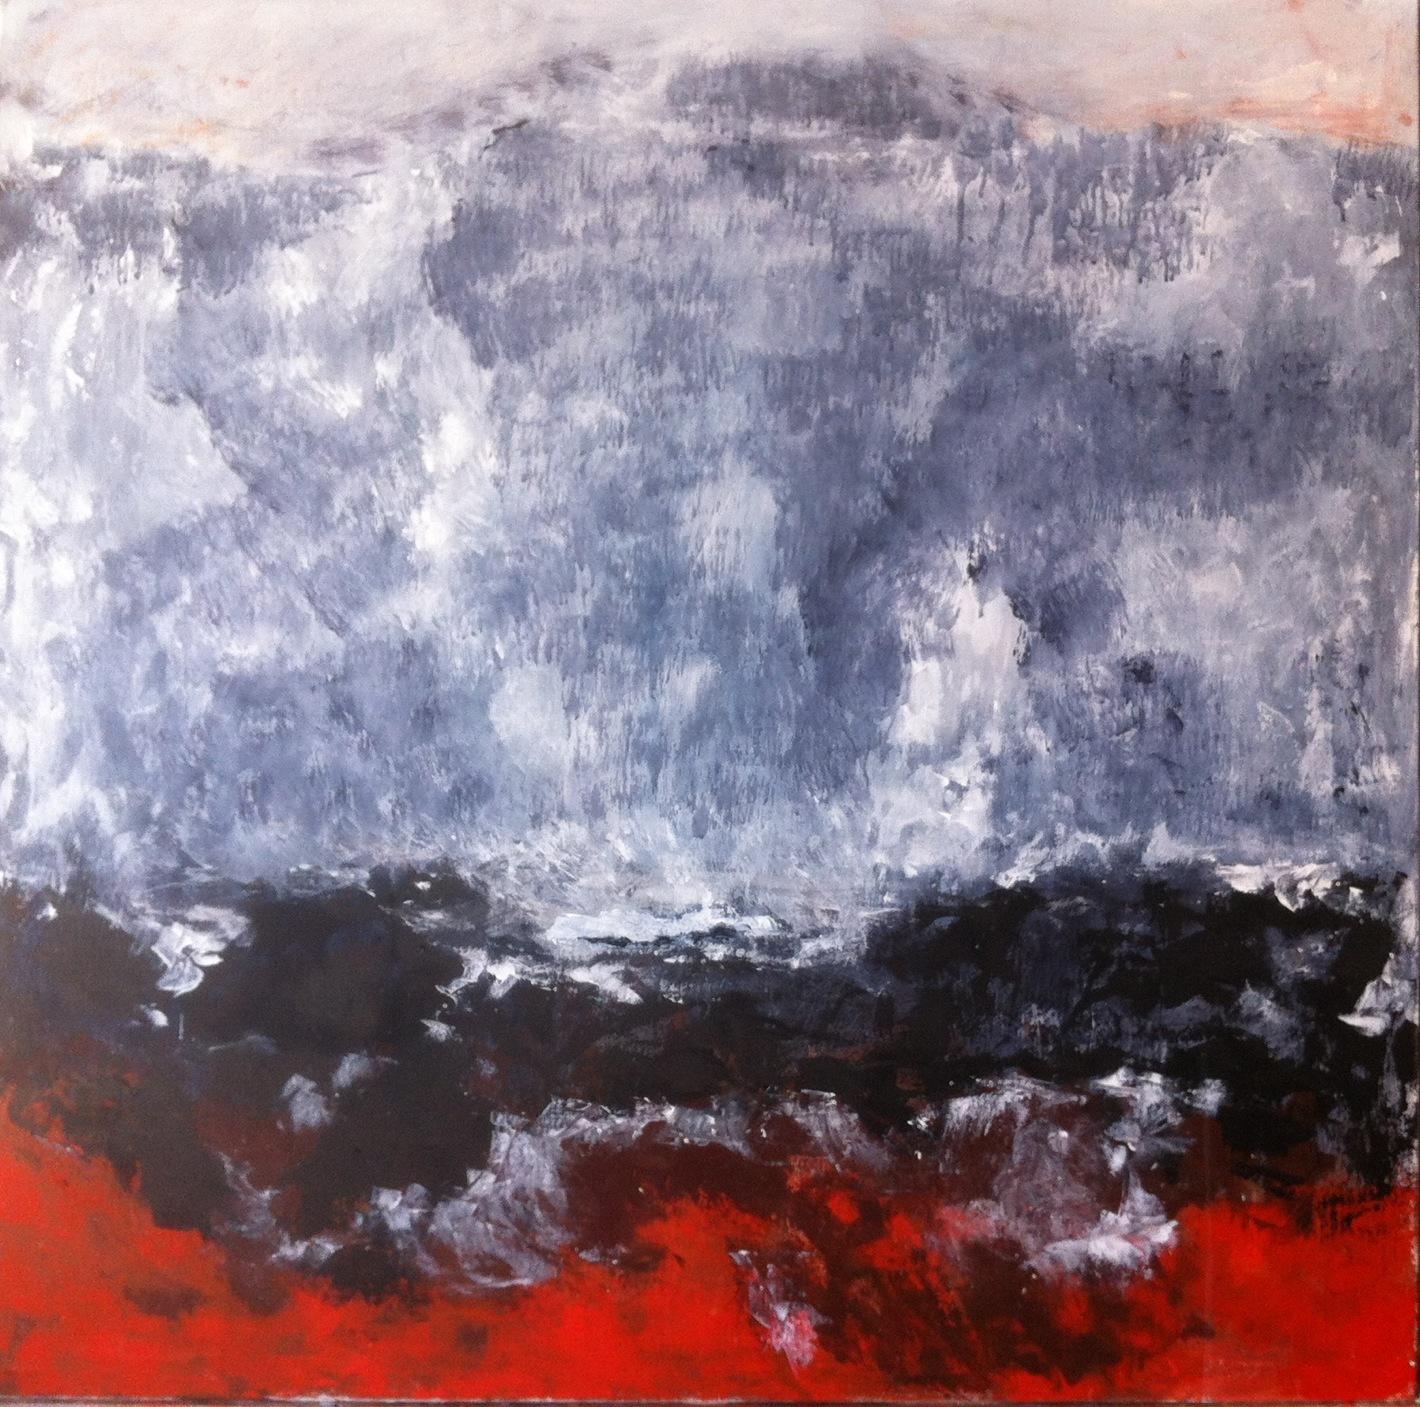 N°1258 - Par delà la montagne - Acrylique sur toile - 100 x 100 cm - 12 mars 2014